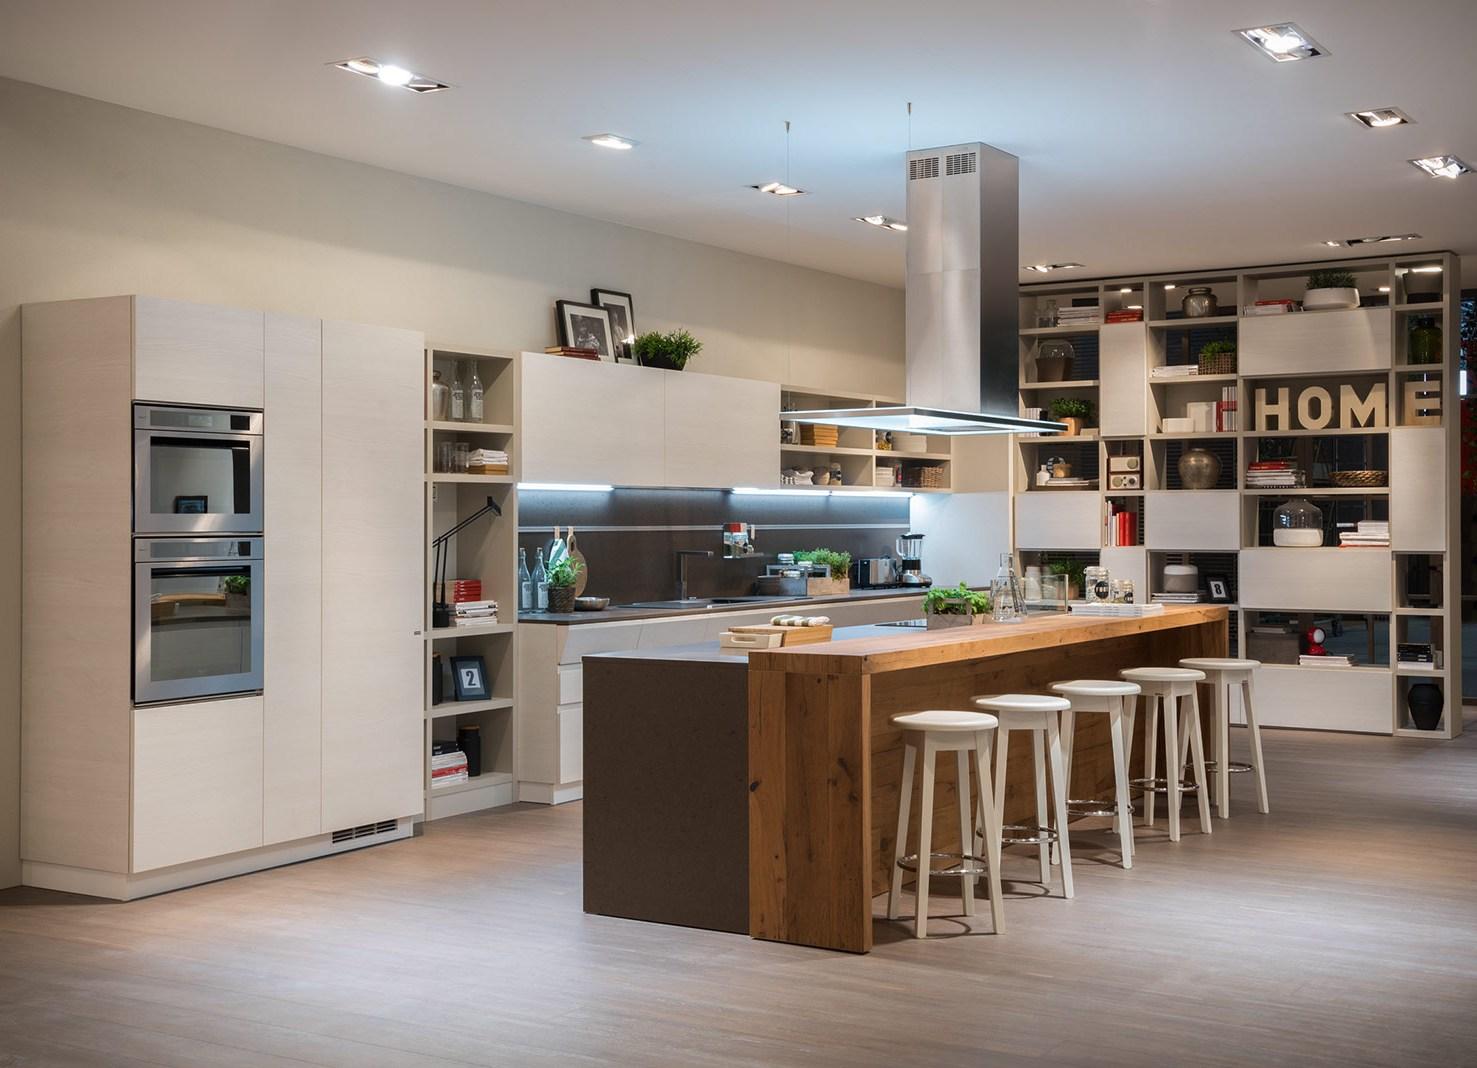 Progetti cucine angolari d cucina vista laterale with - Cucine con soggiorno ...